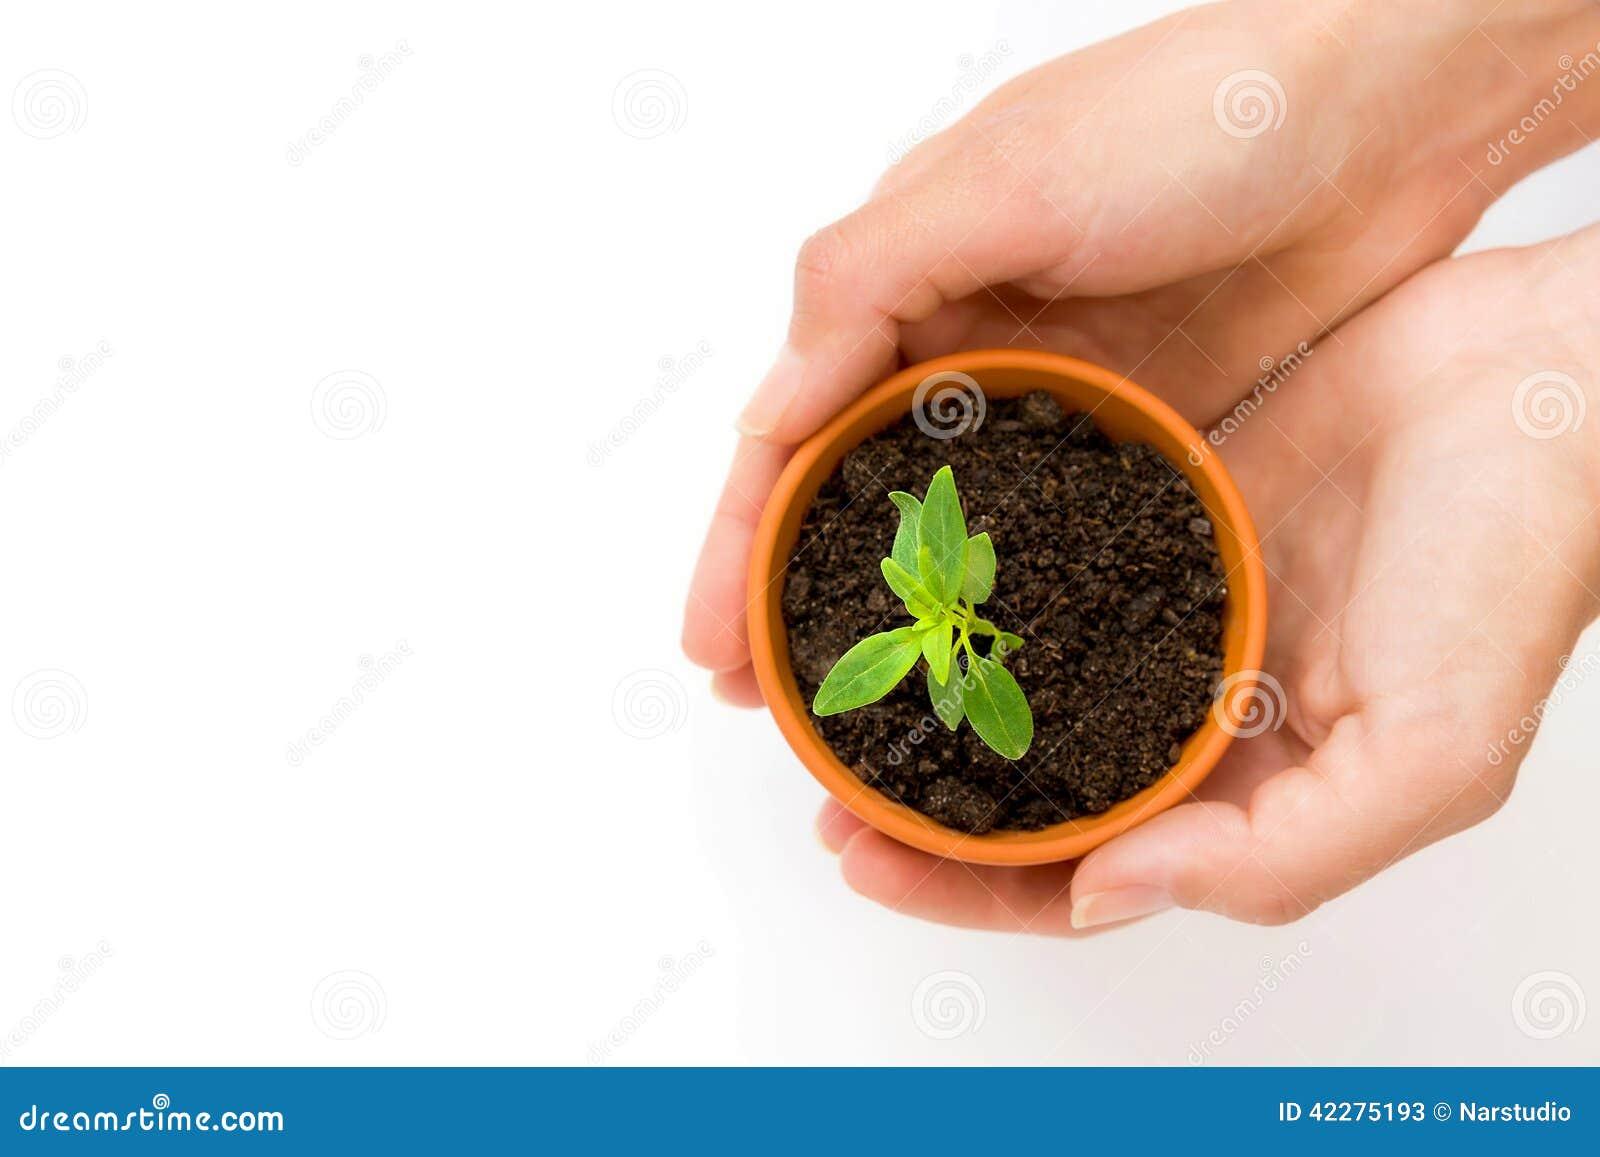 un petit pot de fleur et une plante verte image stock image du sant mains 42275193. Black Bedroom Furniture Sets. Home Design Ideas